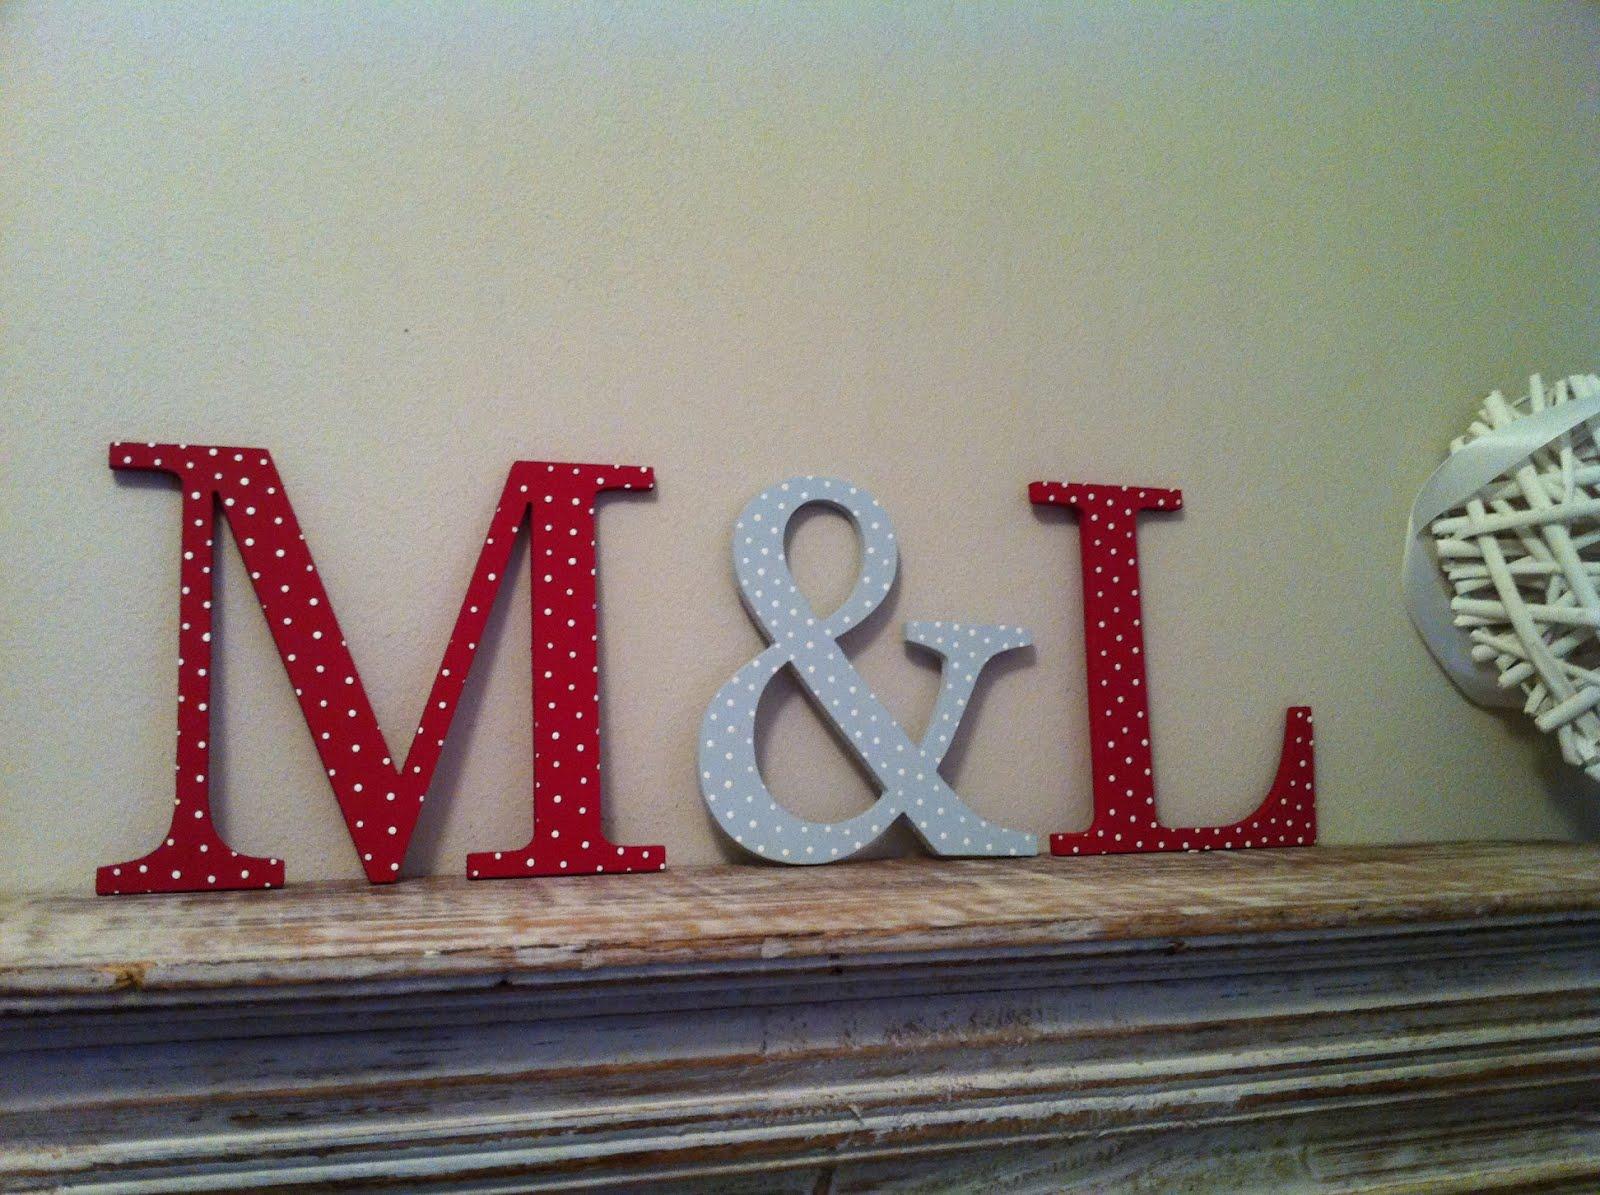 El atelier de laura ofertas figura iniciales en madera para decorar la tarta de boda - Como decorar letras de madera ...